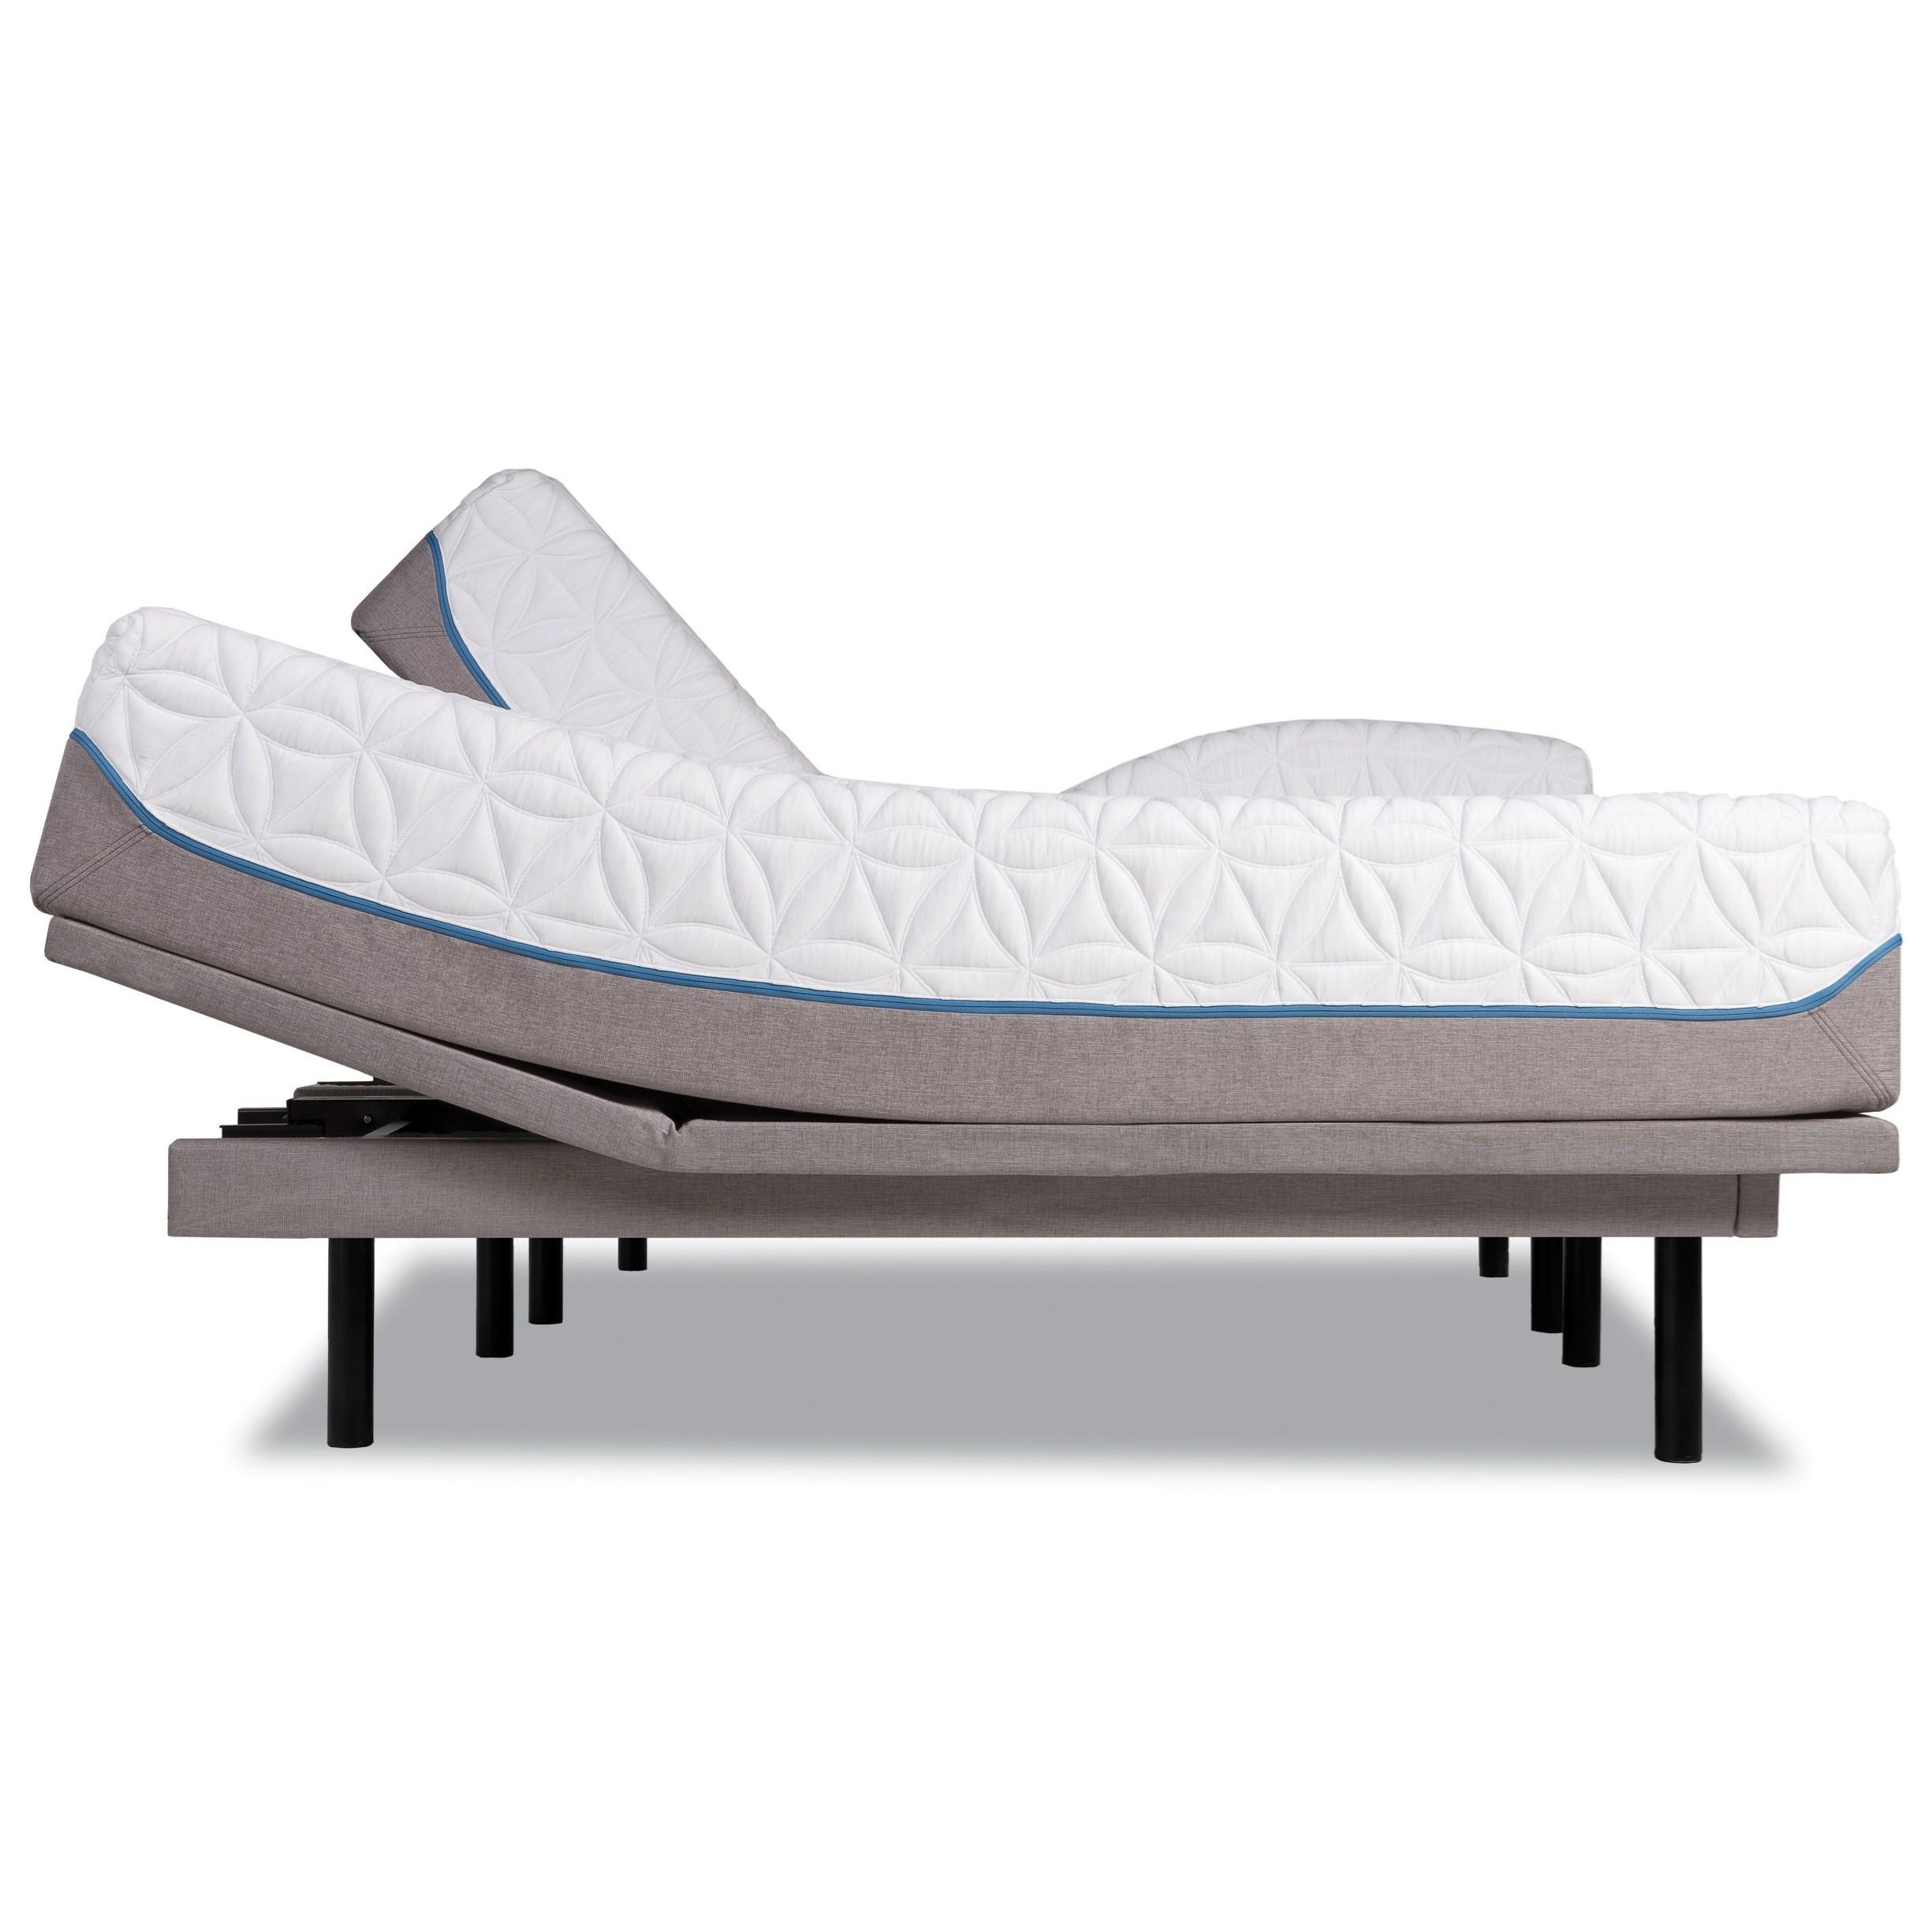 Tempur Pedic TEMPUR Cloud Luxe Queen Ultra Soft Mattress